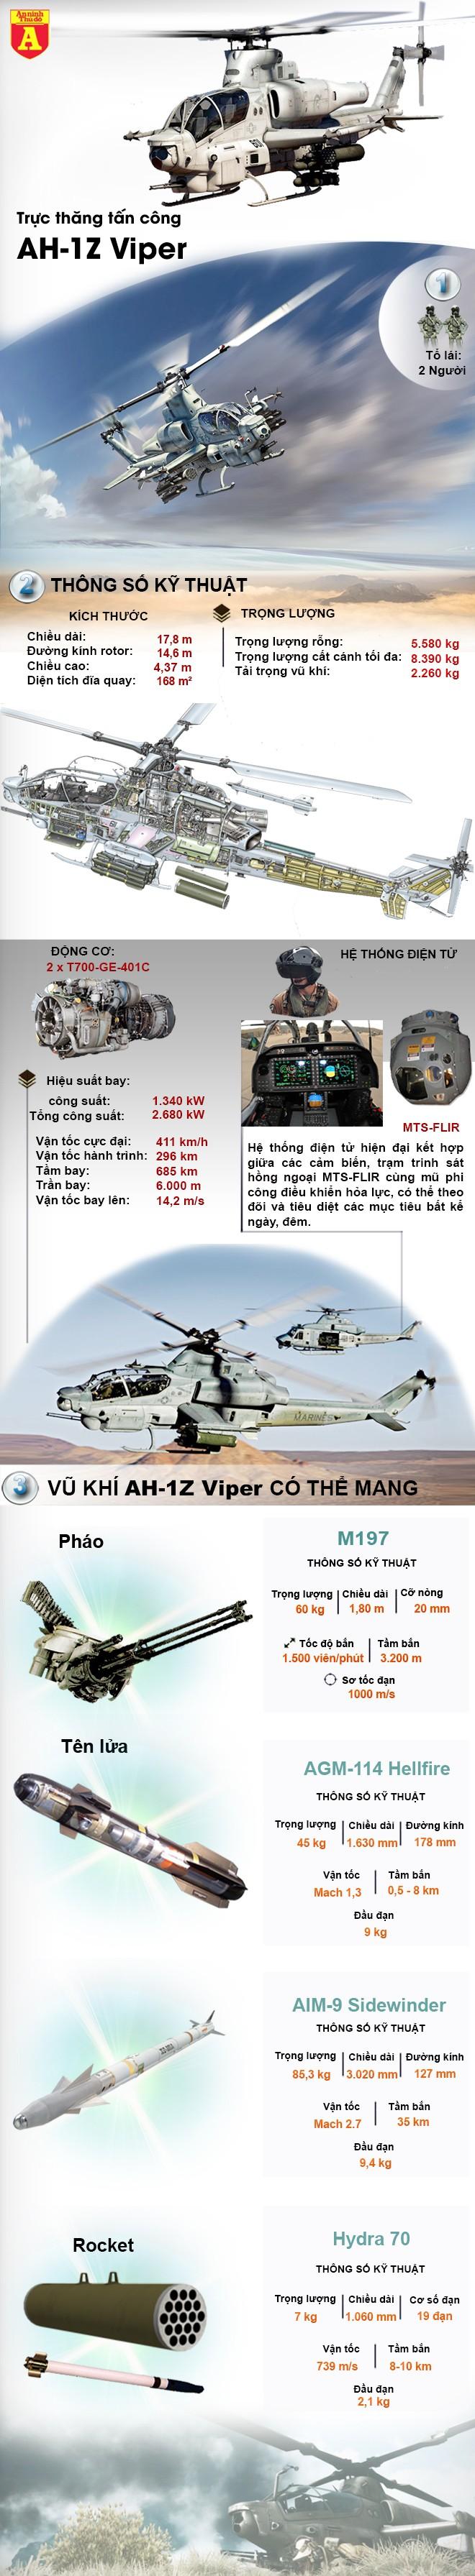 [Infographic] Đối thủ từ Mỹ khiến siêu trực thăng tấn công WZ-10 của Trung Quốc ngậm ngùi ảnh 2